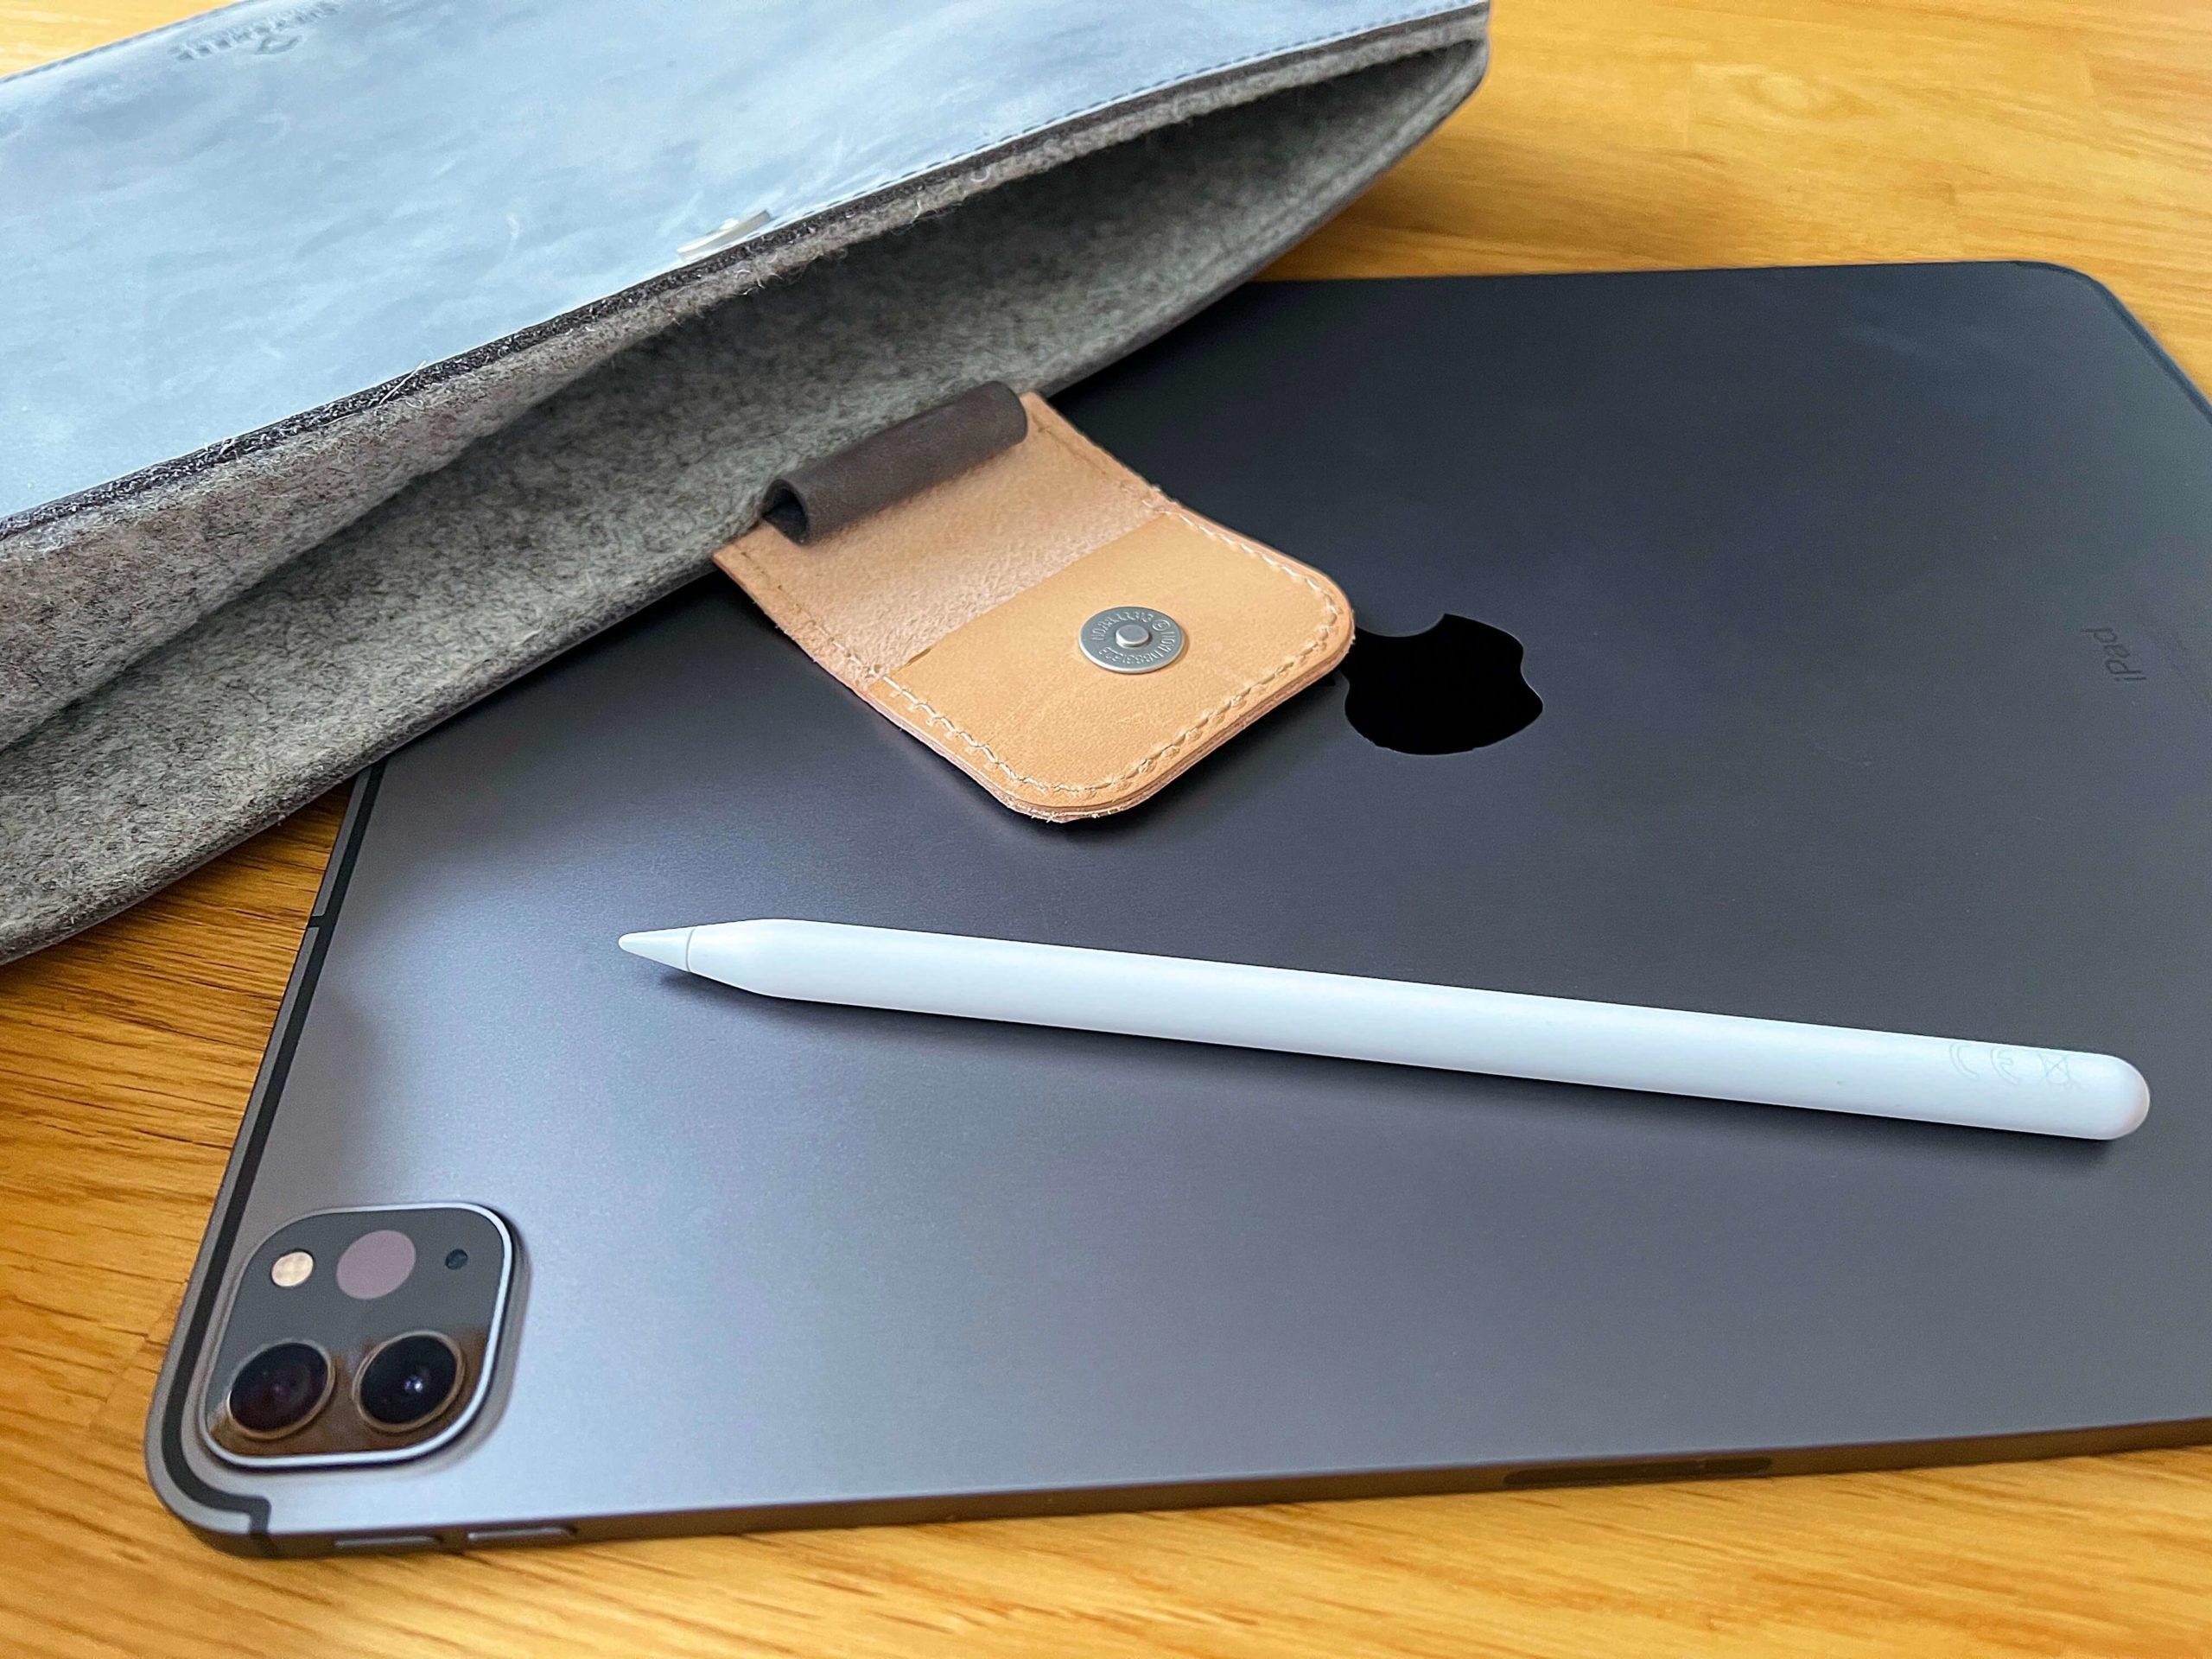 Ledertasche-mit-Filzfuetterung-und-Apple-Pencil-Halterung-von-Citysheep5-scaled Ledertasche mit Filzfütterung und Apple Pencil Halterung für das iPad von Citysheep